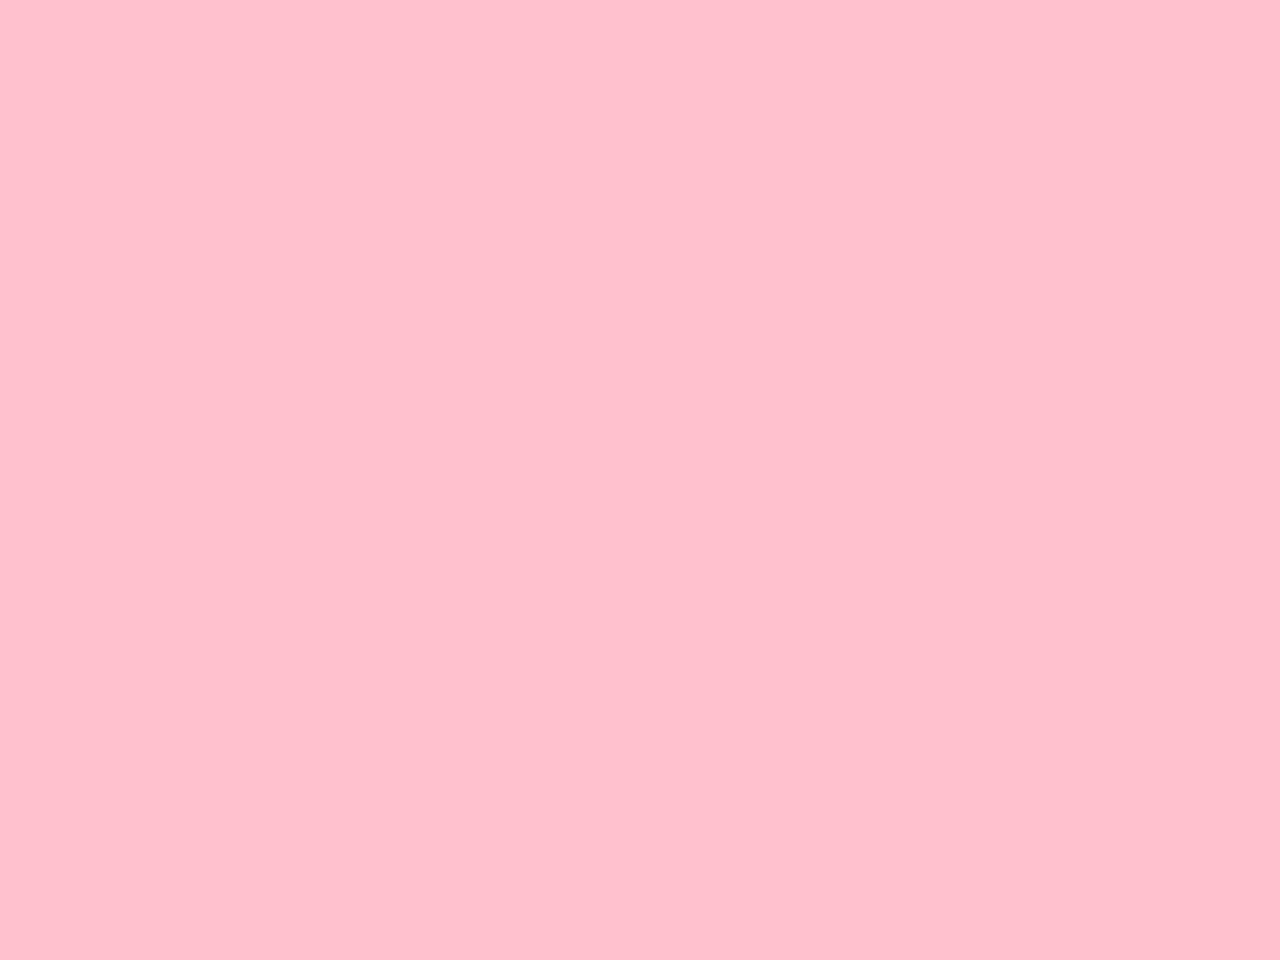 1280x960 Bubble Gum Solid Color Background